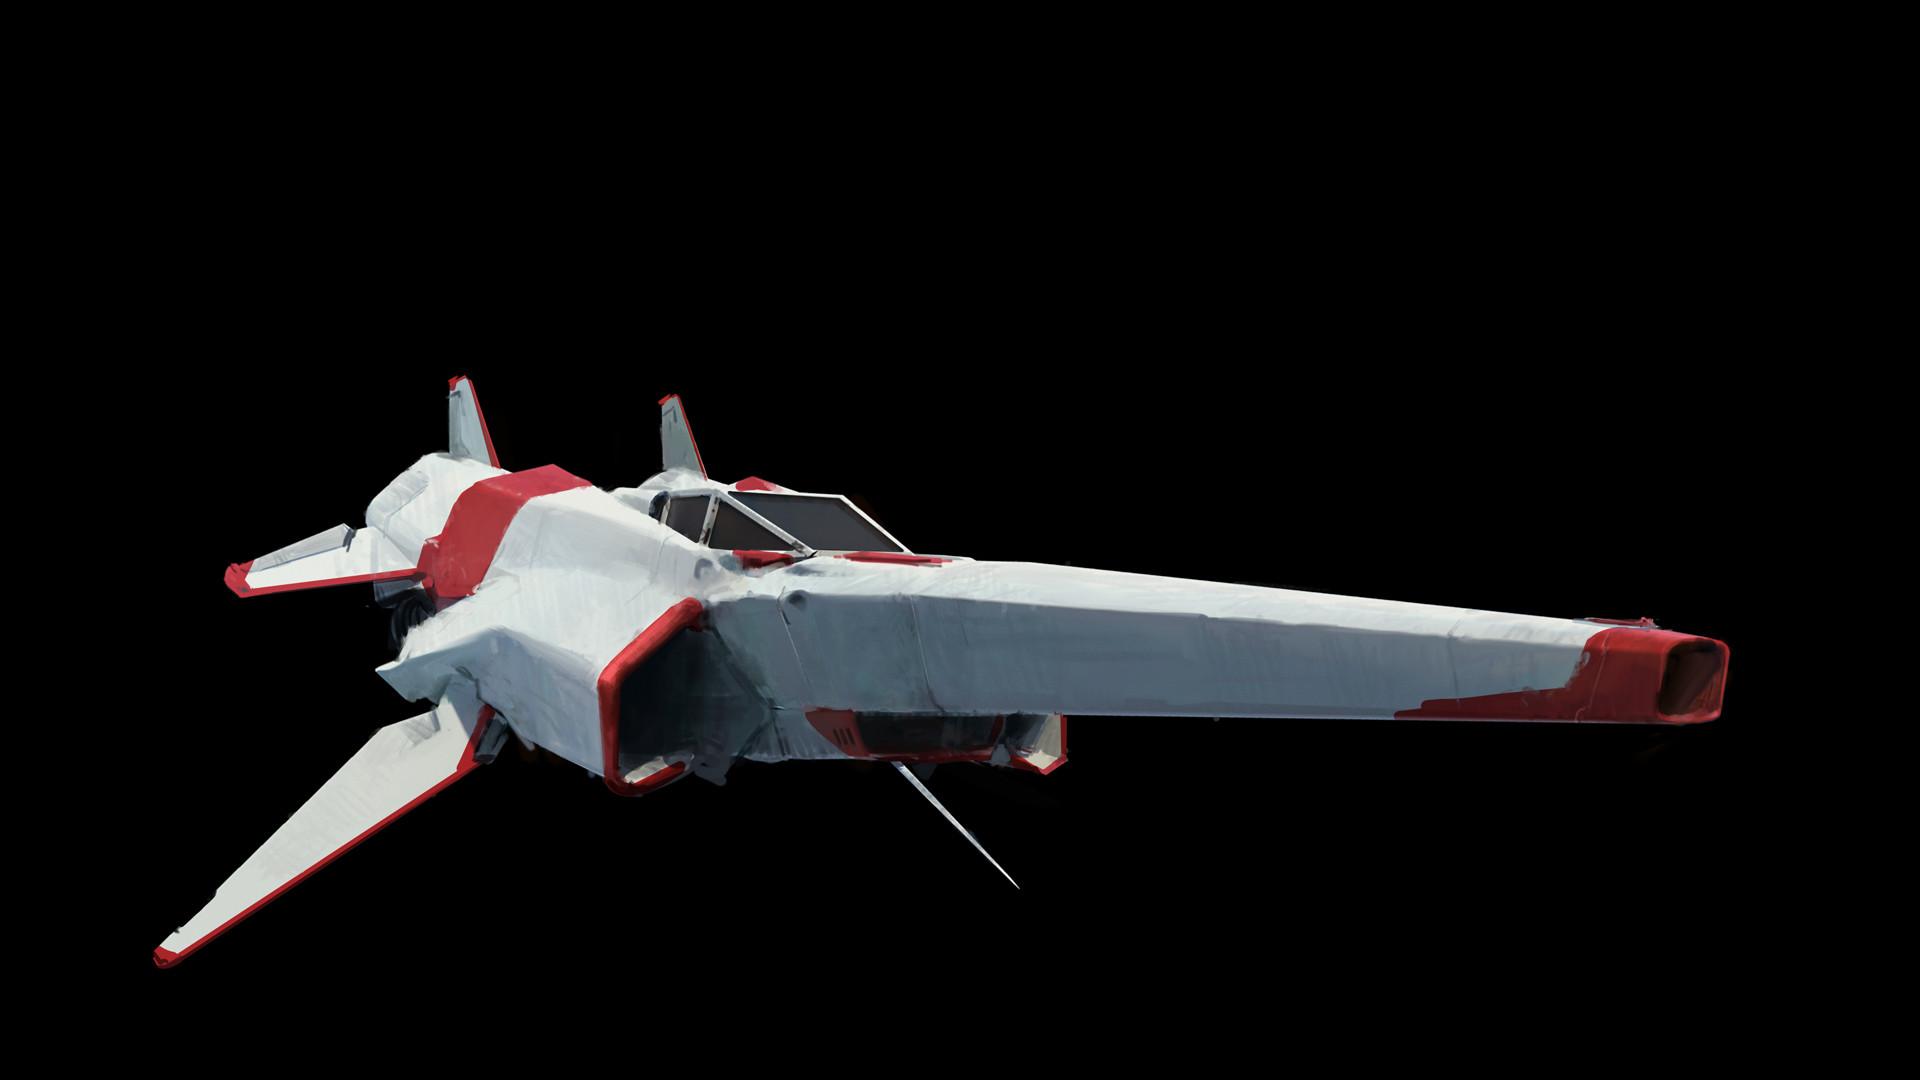 German casado fraga asl spaceship 014 a refine2 002